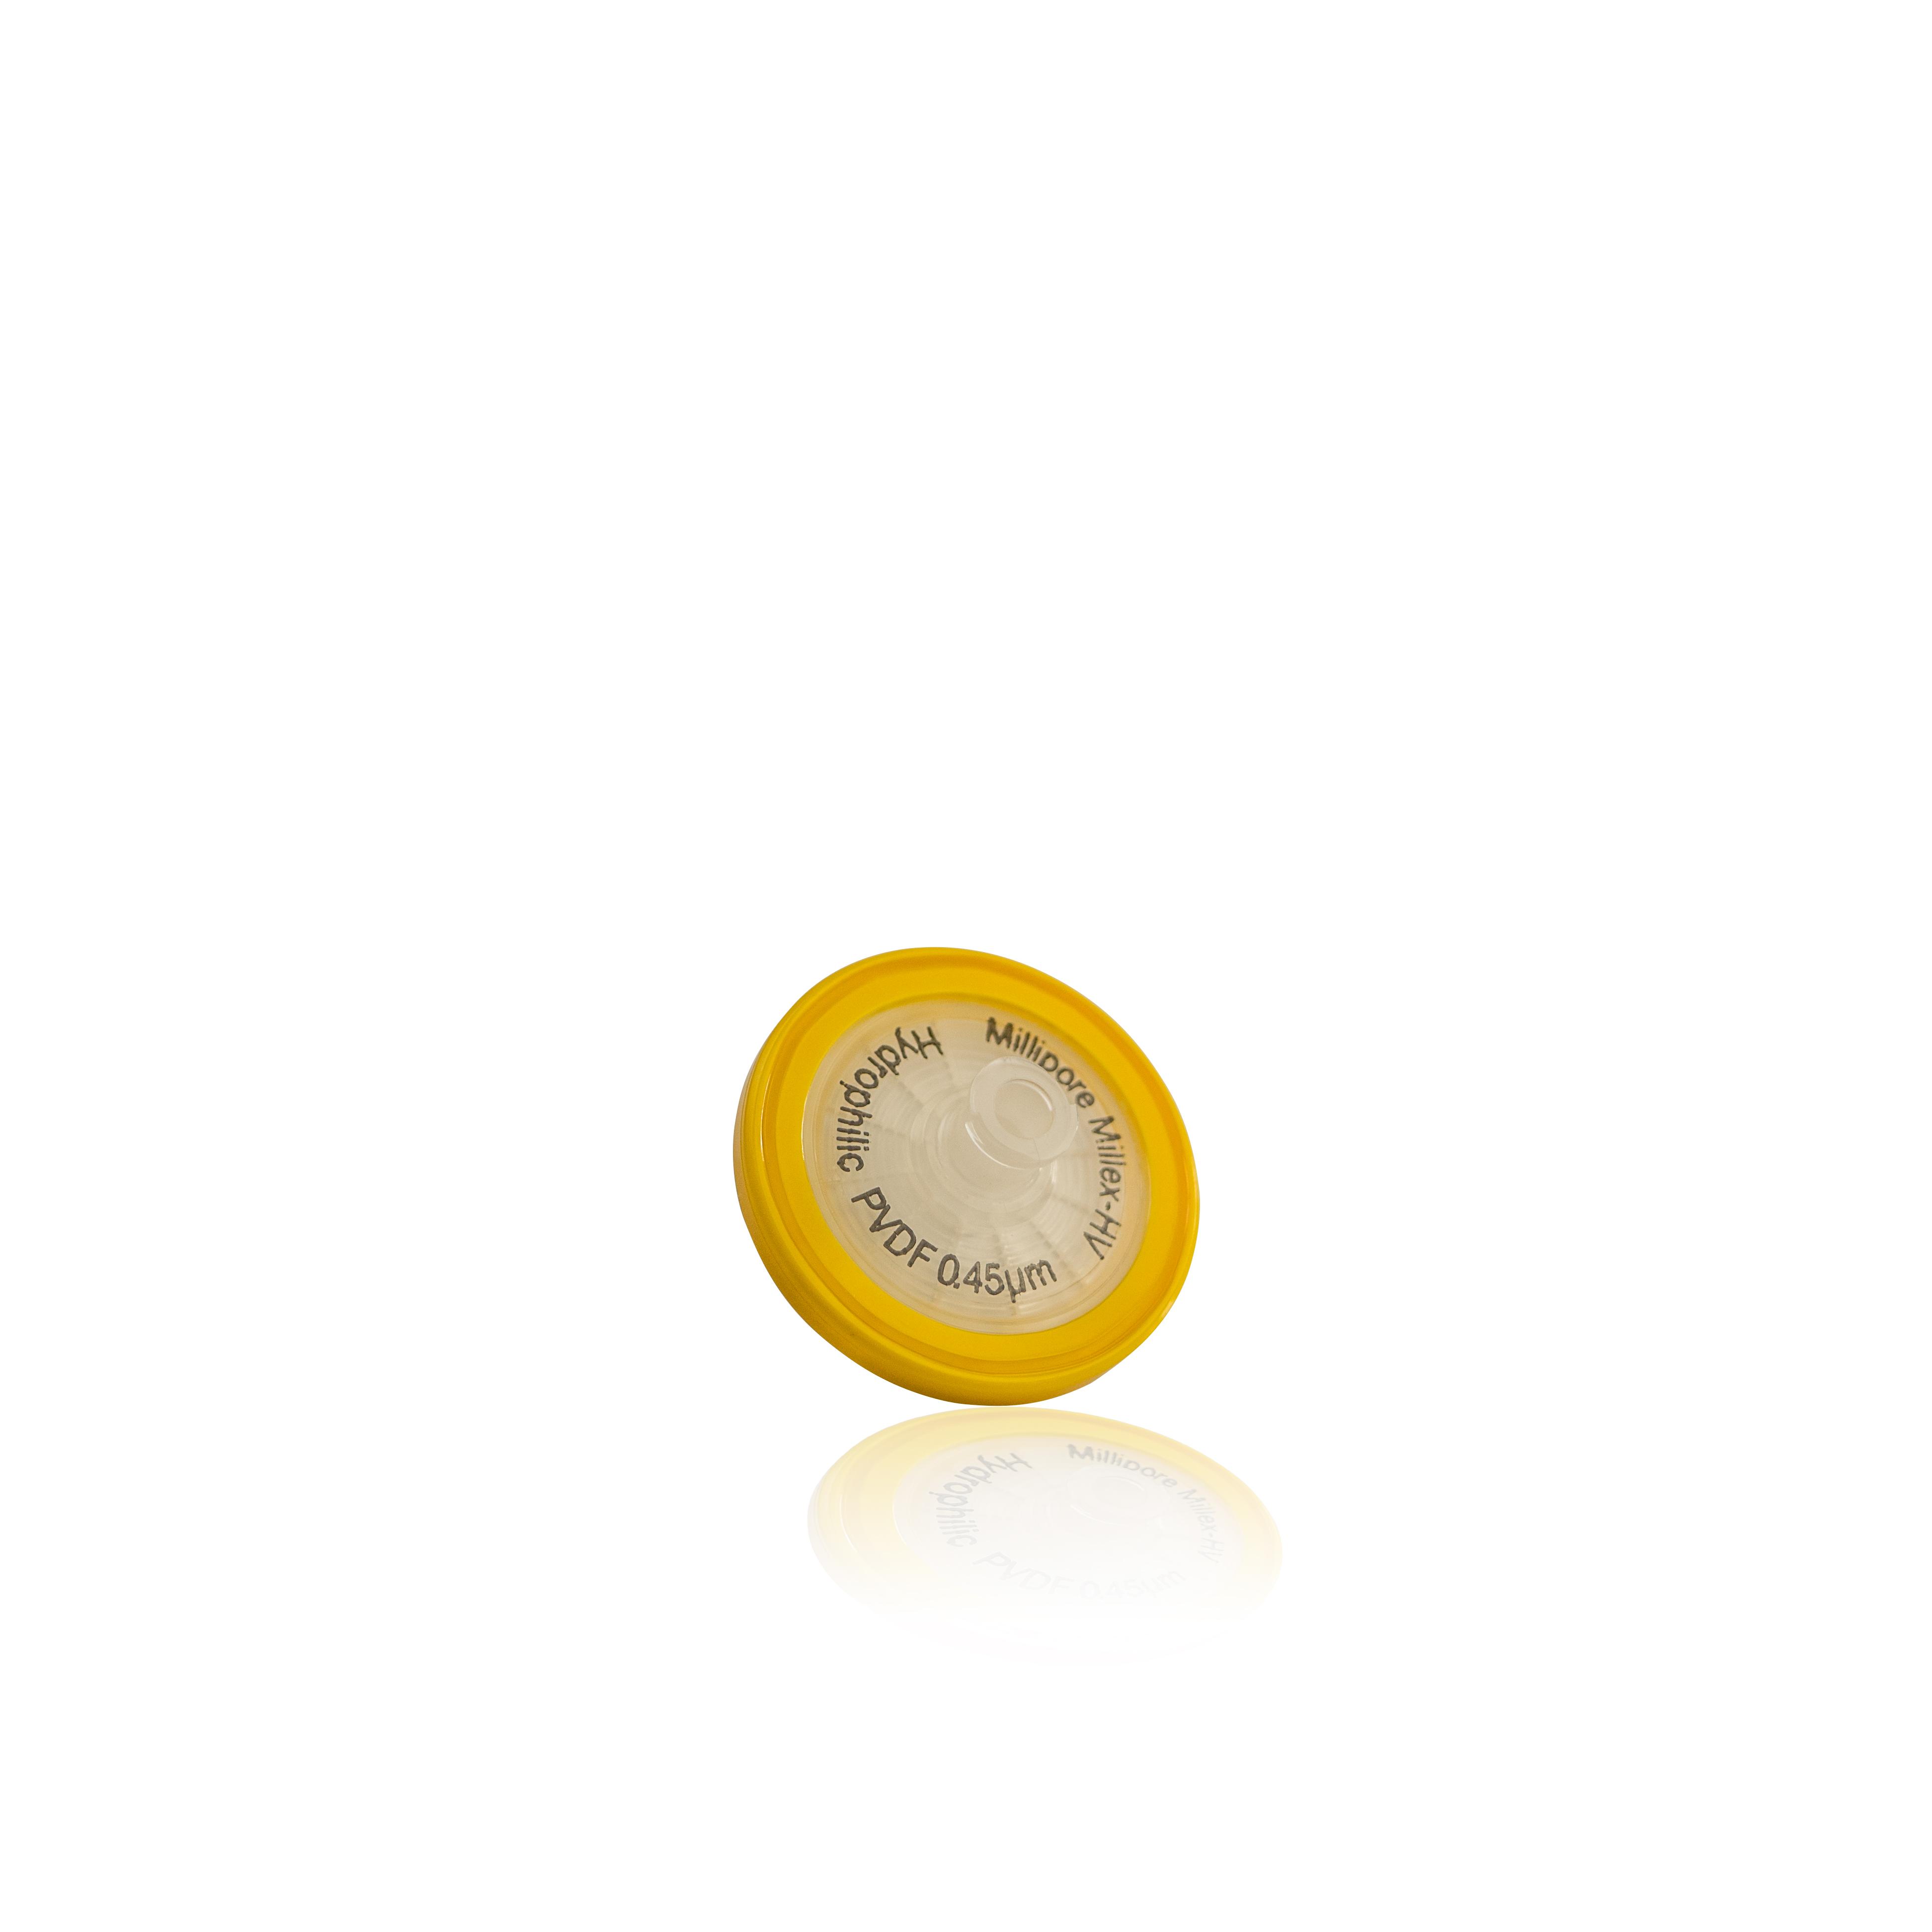 FILTRO MILLEX 33MM-45UM  PVDF C/1000   MILL